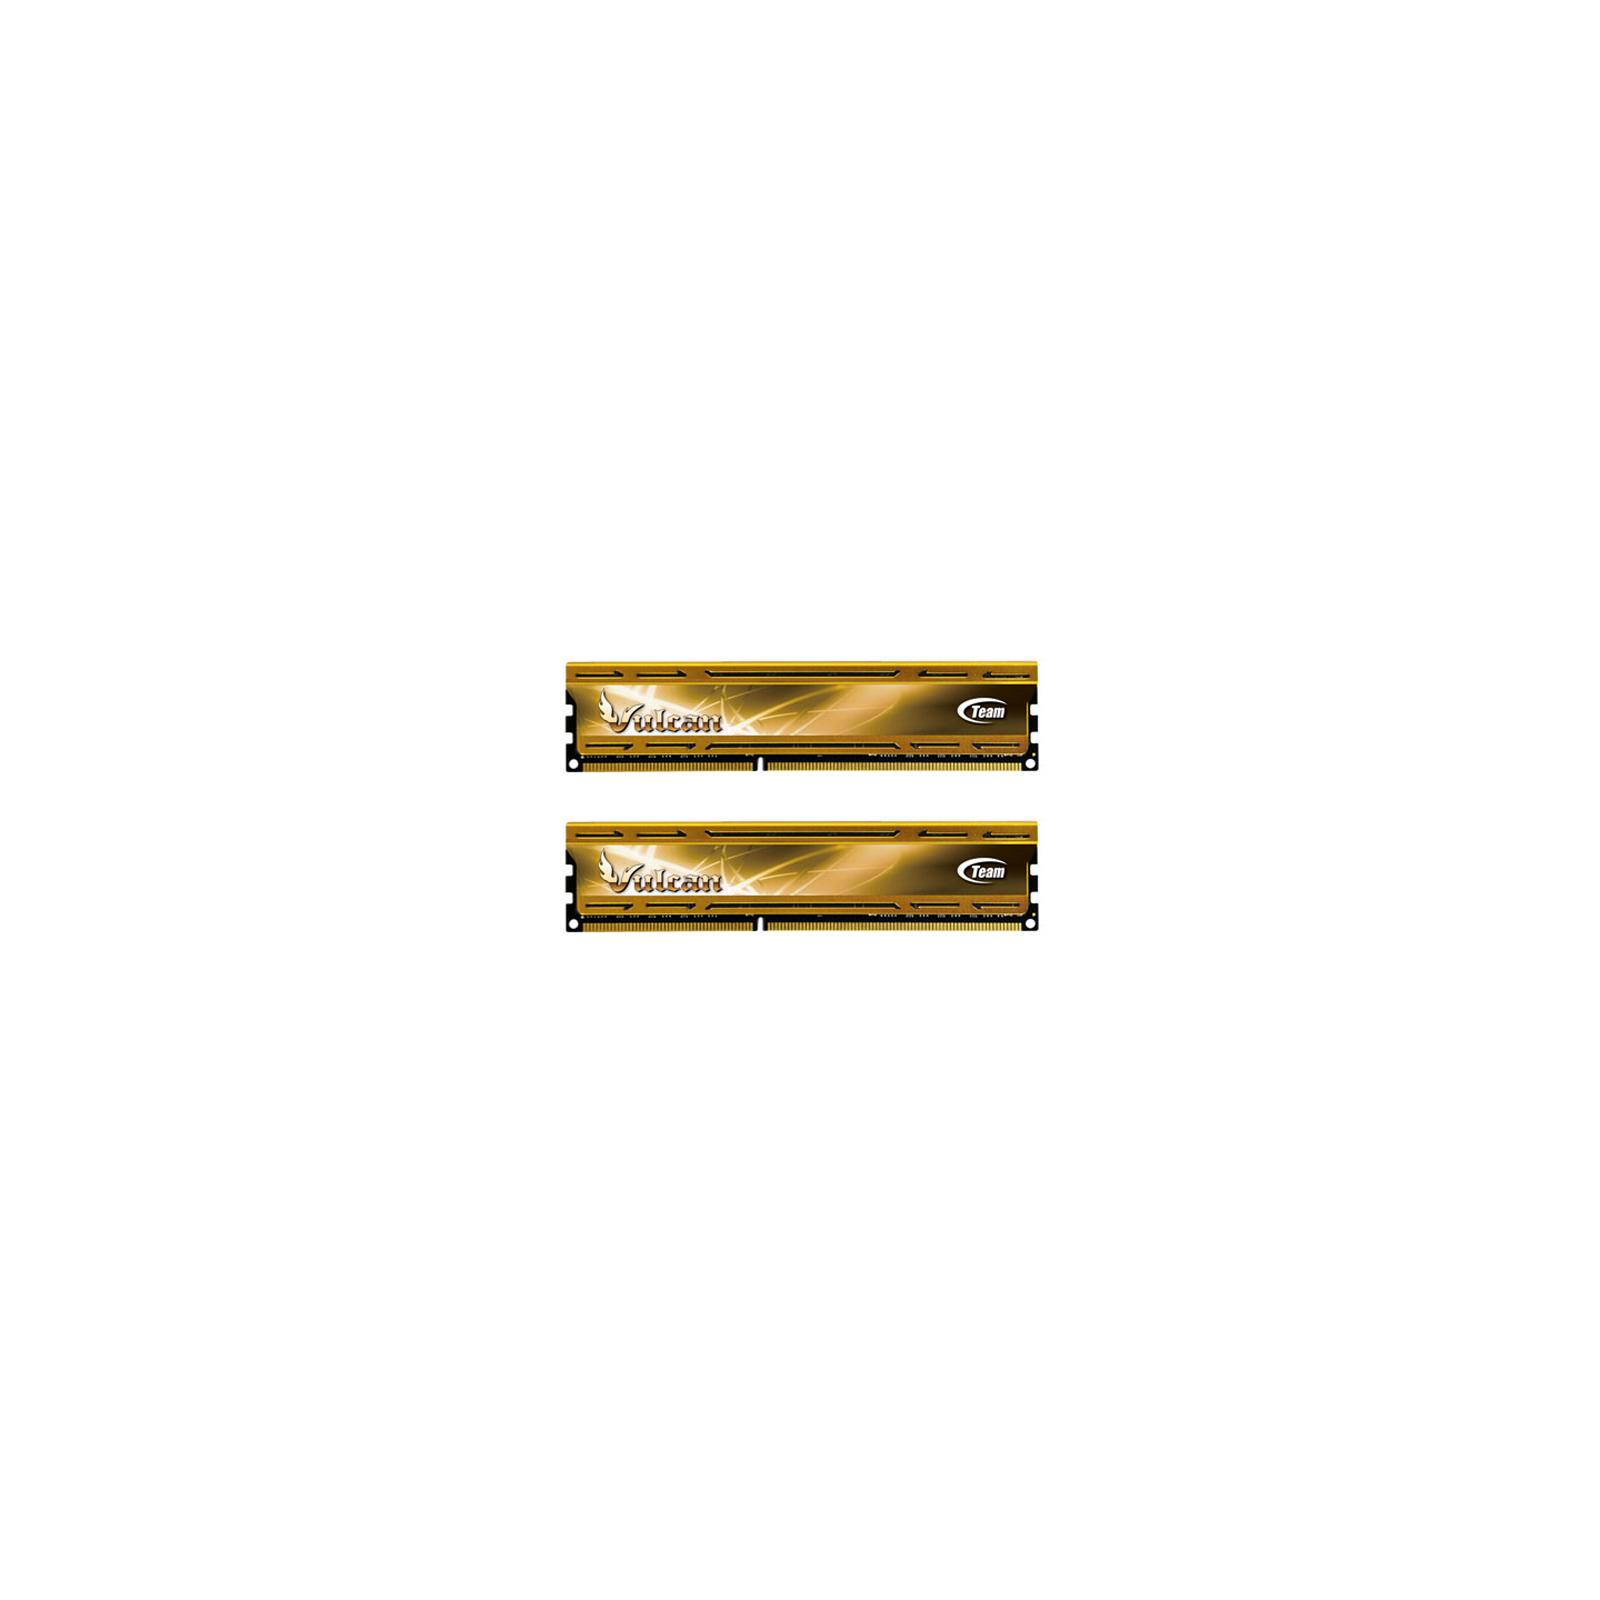 Модуль памяти для компьютера DDR3 8GB (2x4GB) 1600 MHz Team (TLYD38G1600HC9DC01)